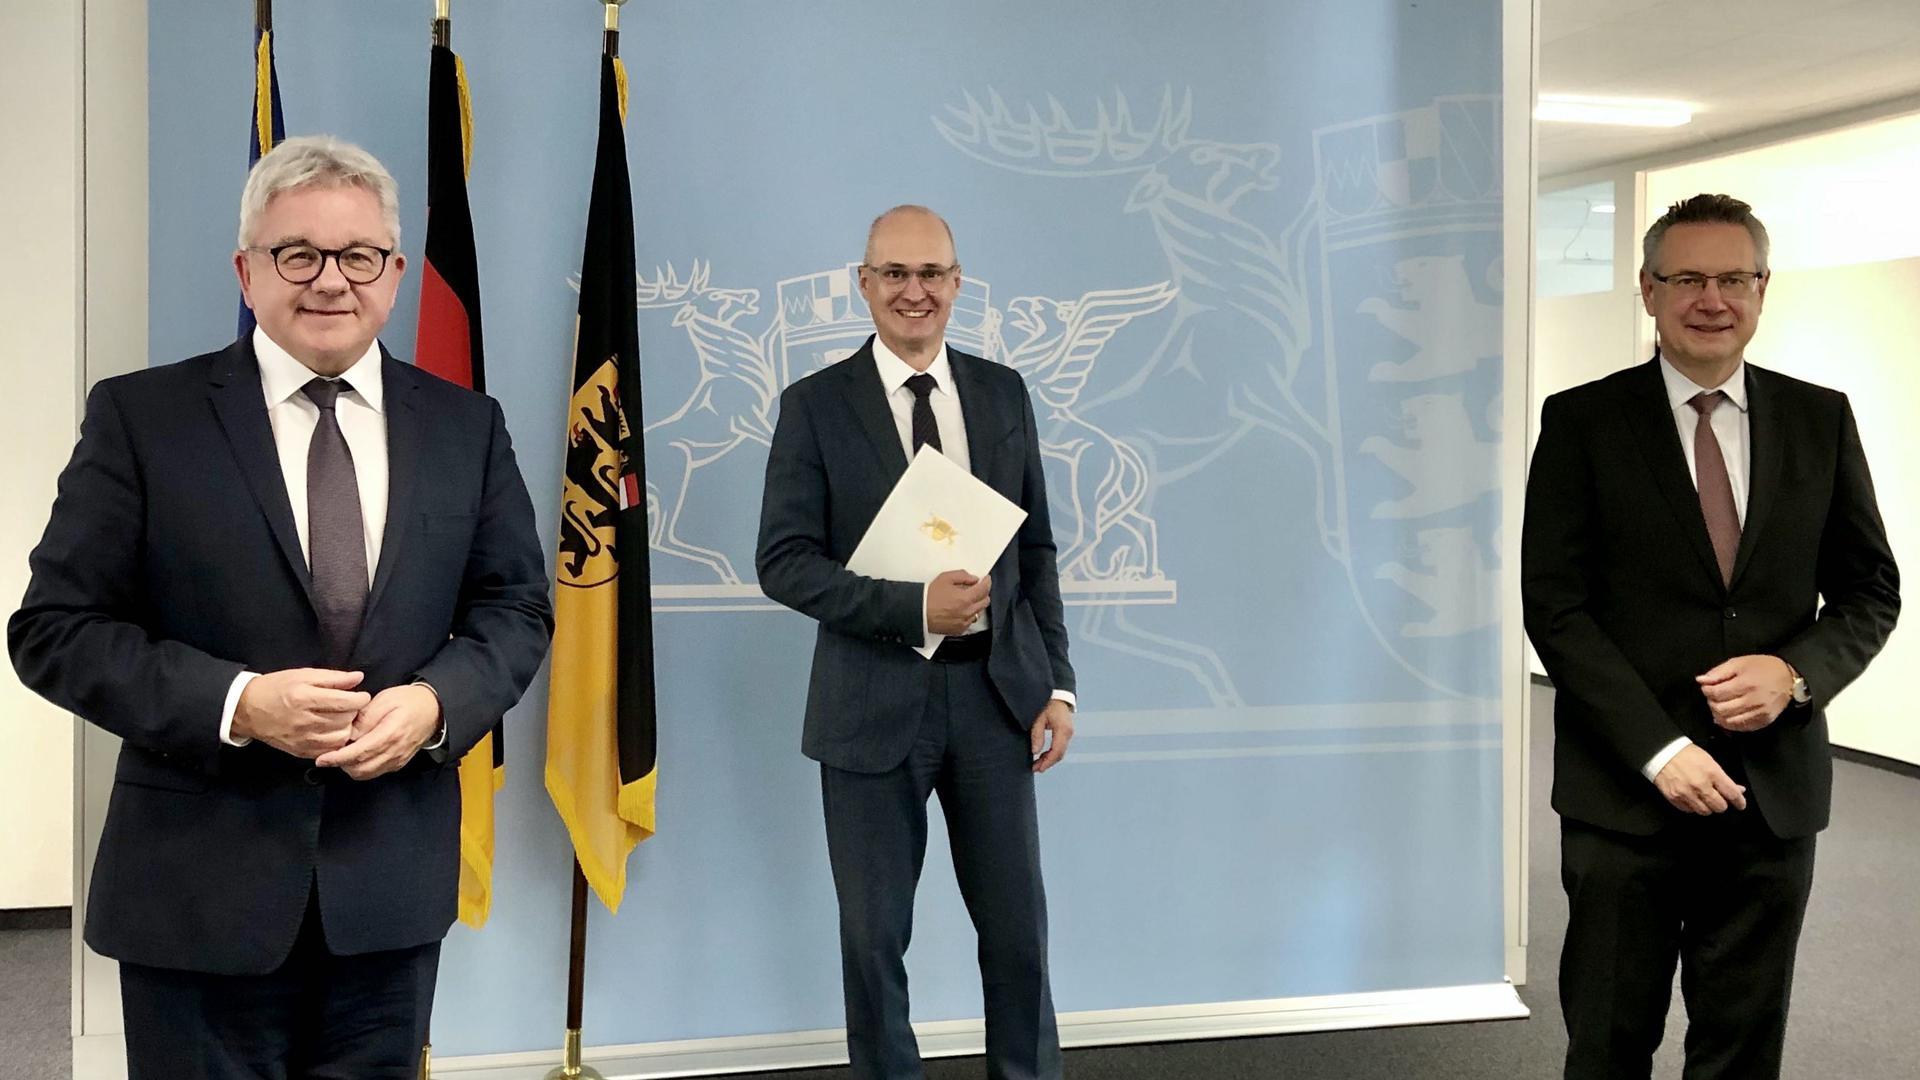 Drei Männer stehen im Justizministerium in Stuttgart. Justizminister Guido Wolf hat dem neuen Landgerichtspräsidenten Frank Konrad Brede die Ernennungsukrunde übergeben. Mit dabei: Alexander Riedel, Präsident des Oberlandesgerichts Karlsruhe.